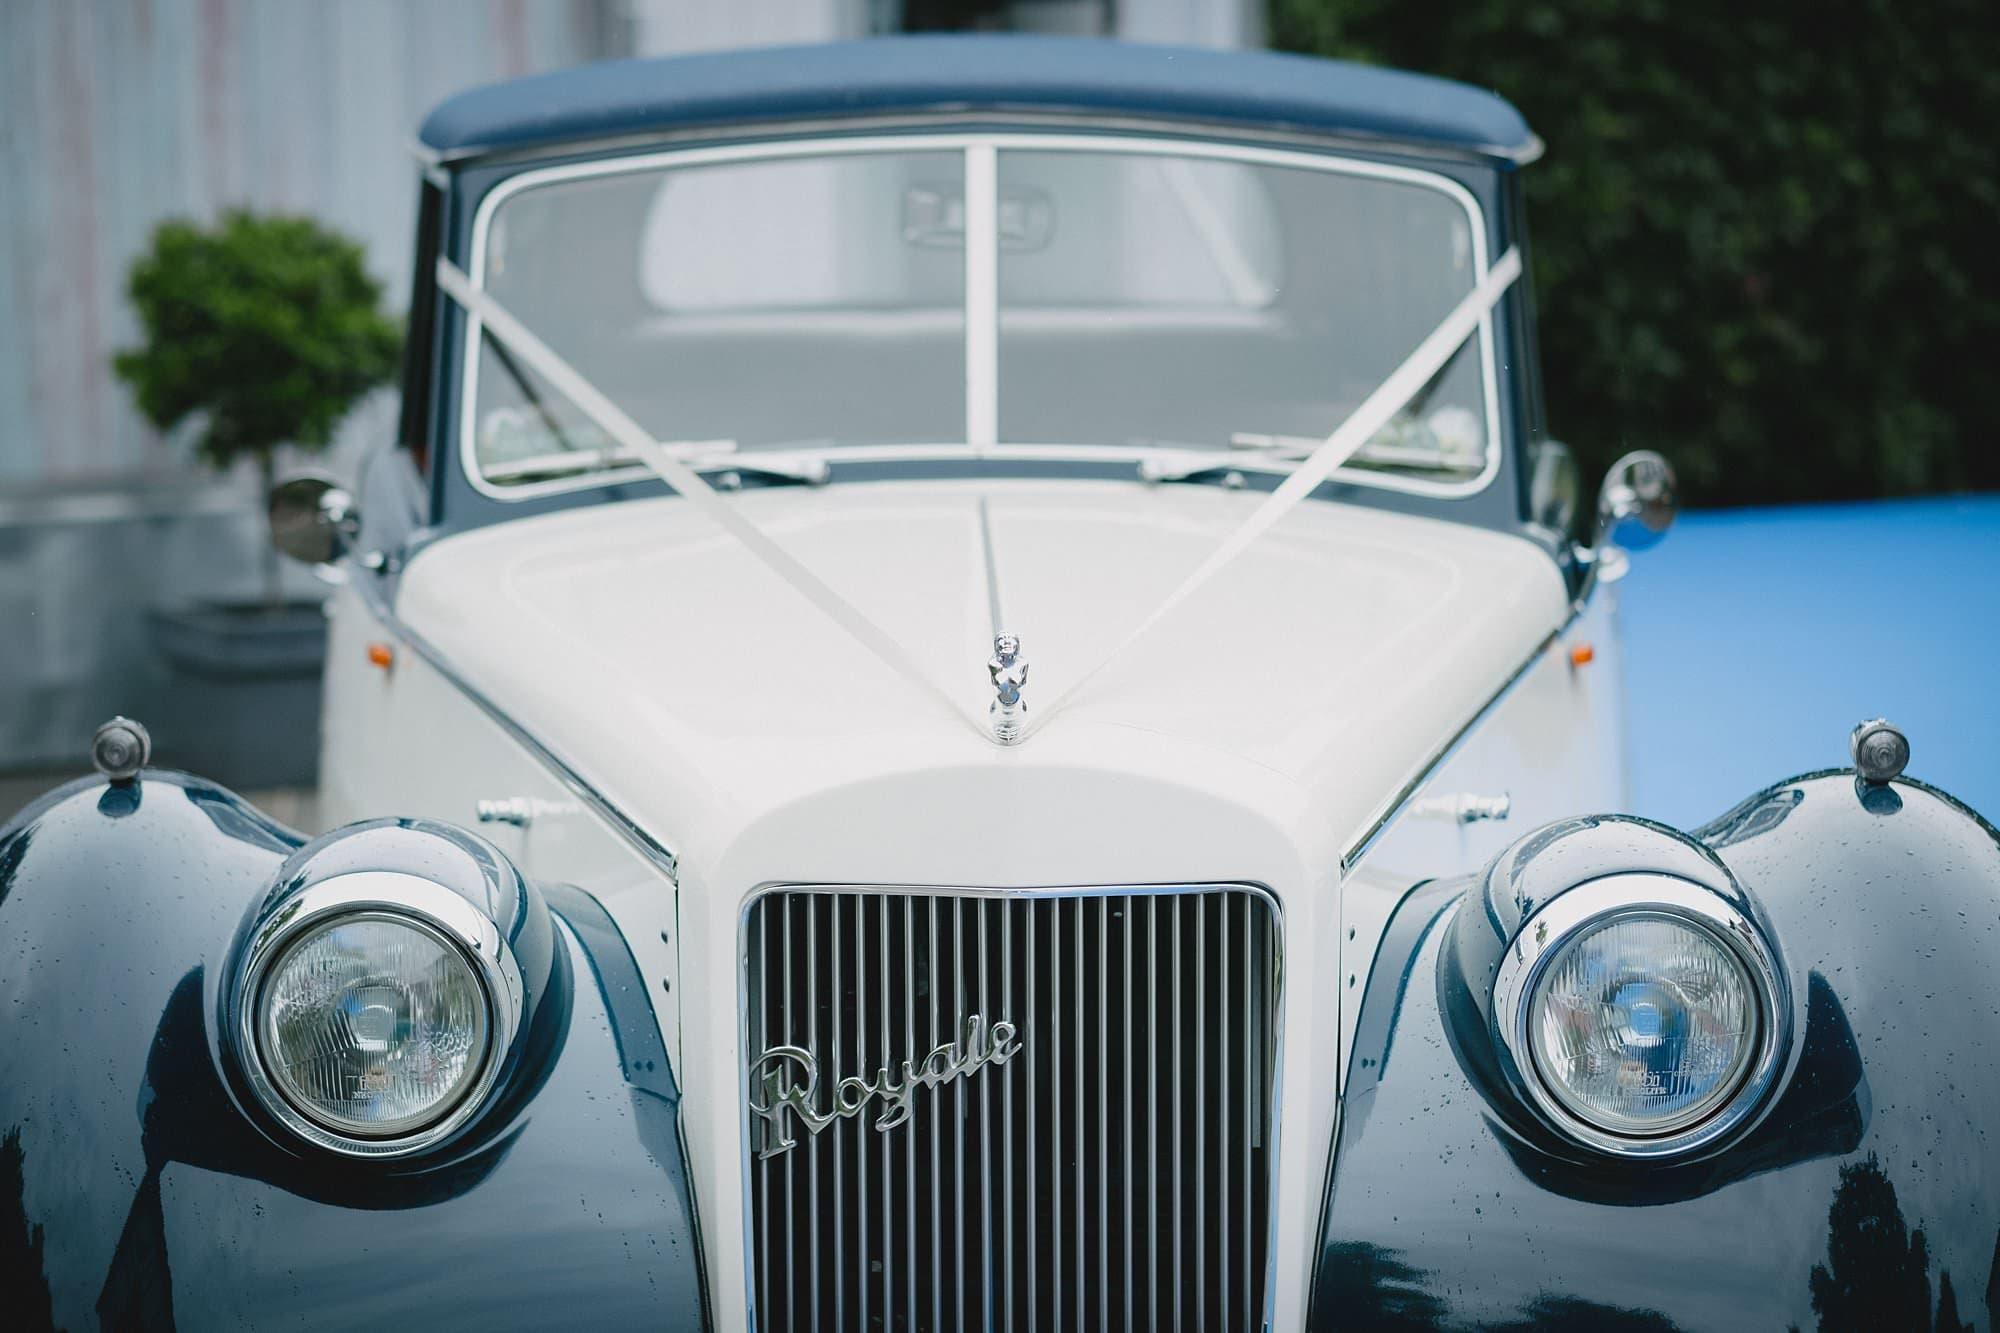 ashtead london wedding photographer 030 - Rachel & Jonny's Ashtead Wedding